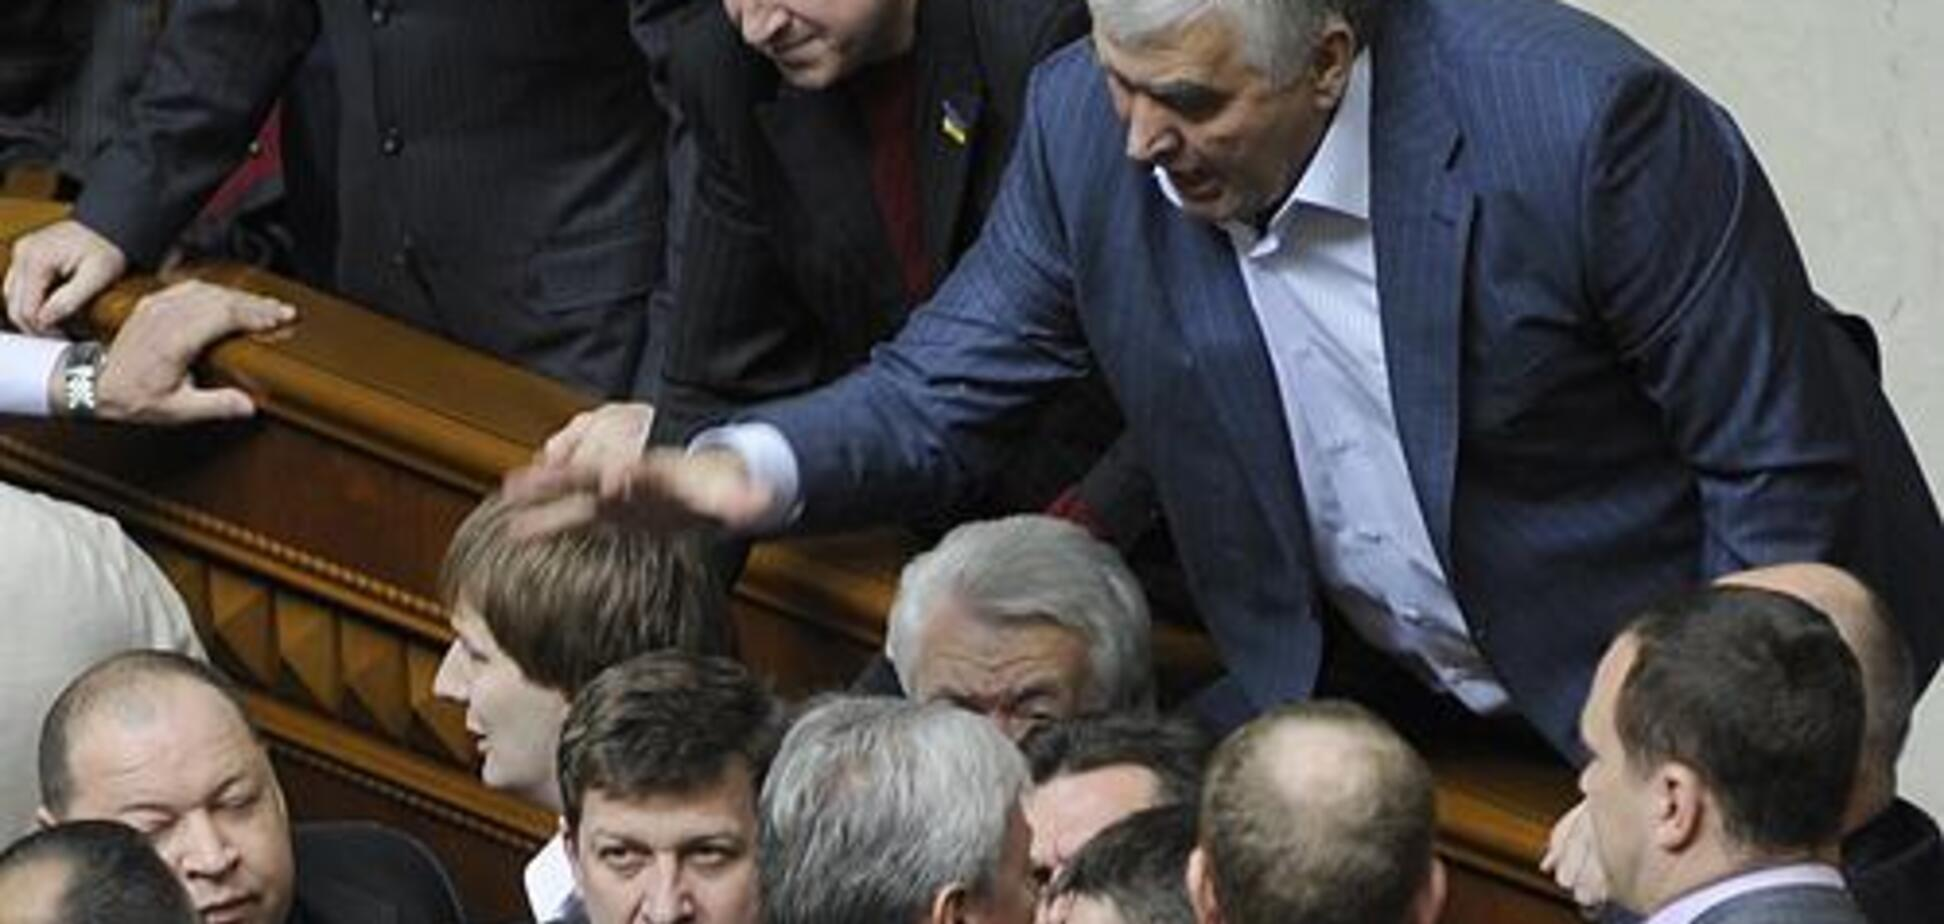 ''Всех вас положу!'' На Донбассе задержали скандального экс-регионала